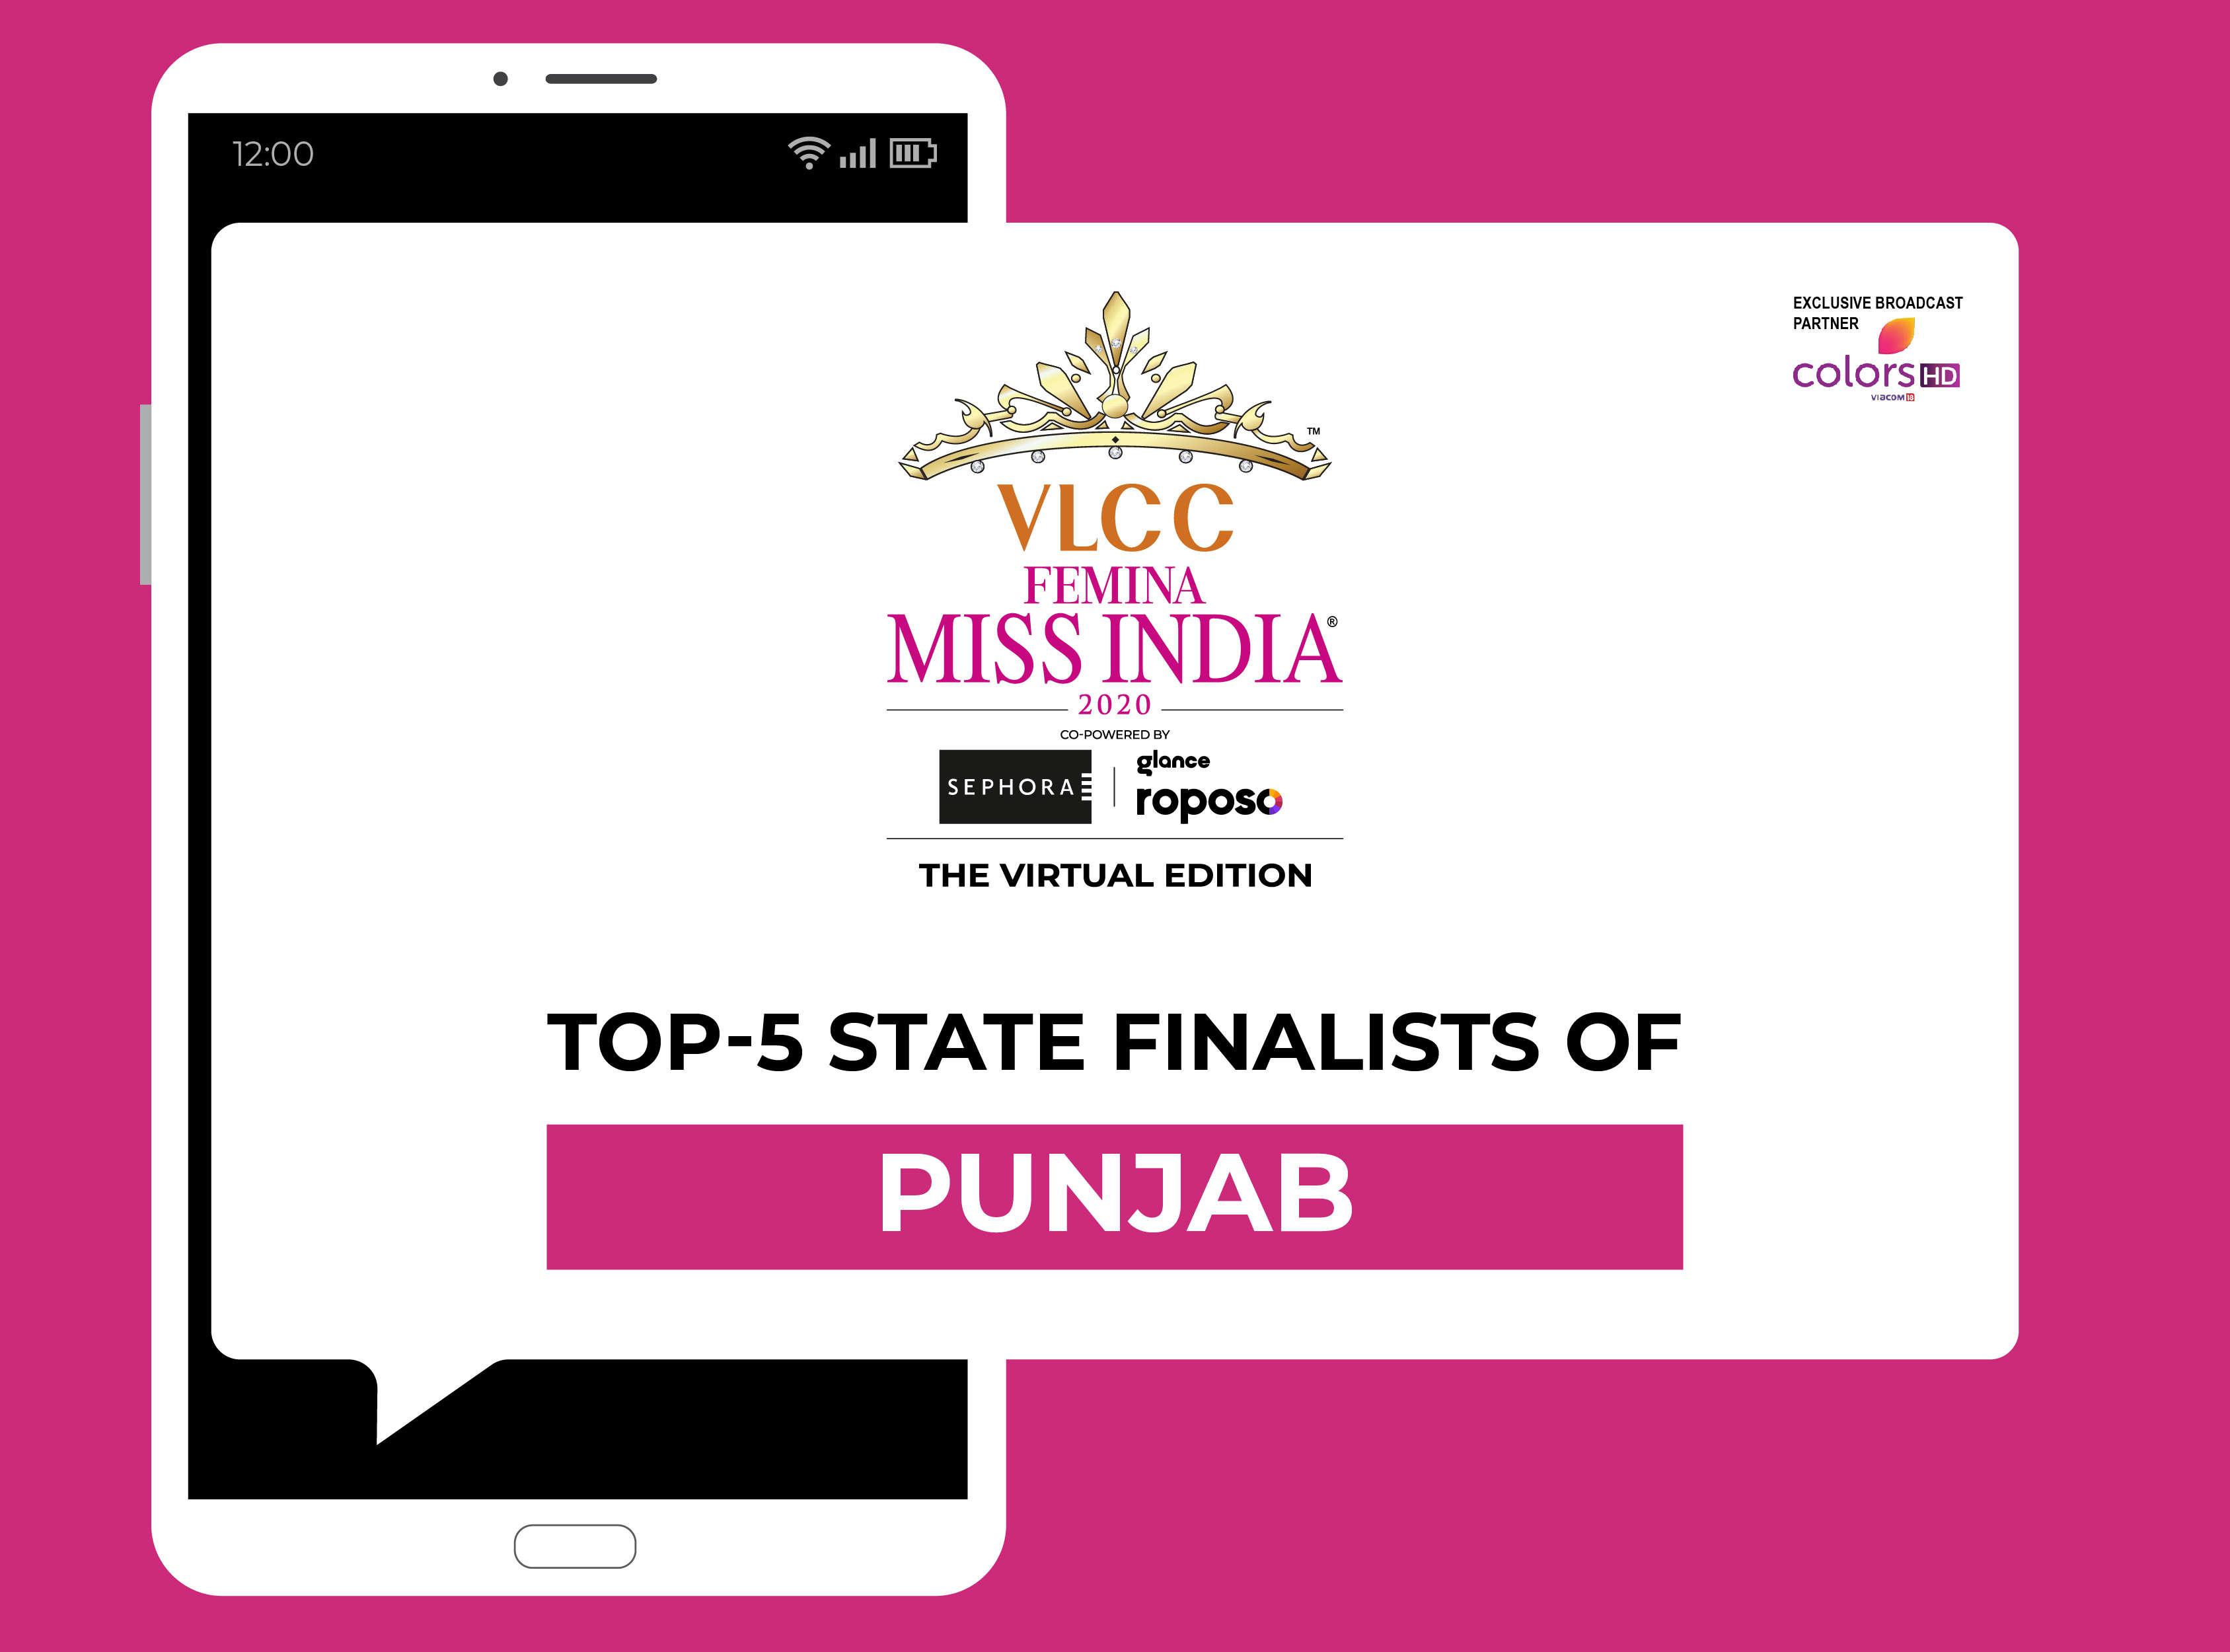 Introducing VLCC Femina Miss India Punjab 2020 Finalists!